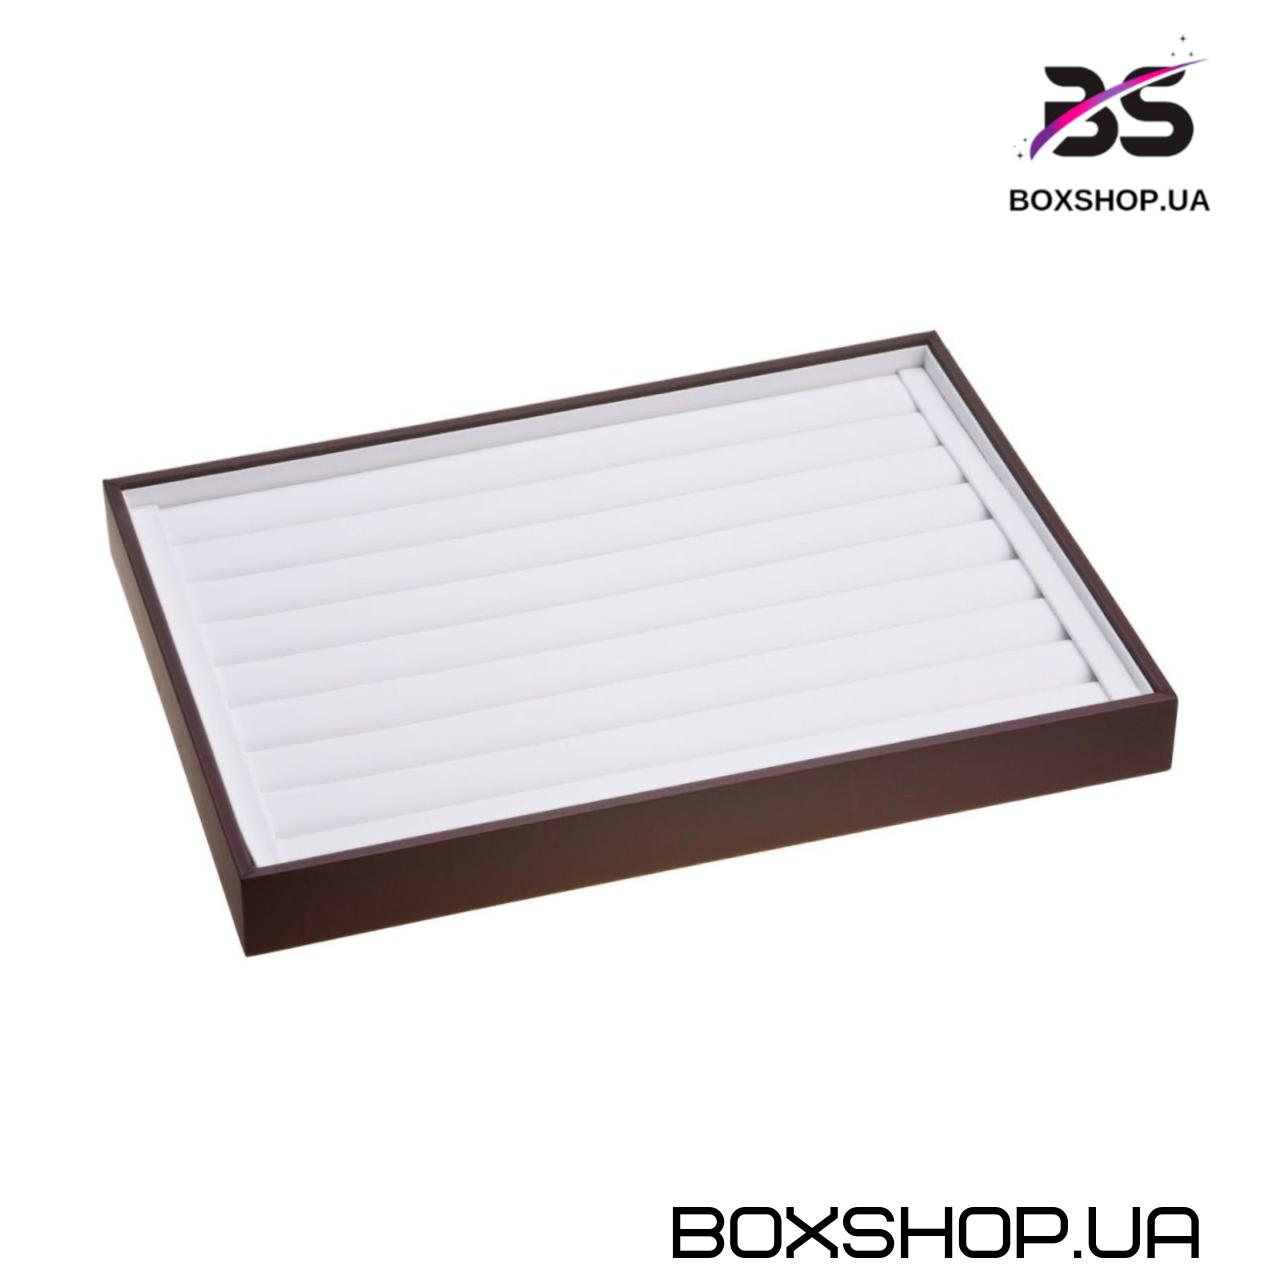 Ювелирный планшет BOXSHOP - 1022326036